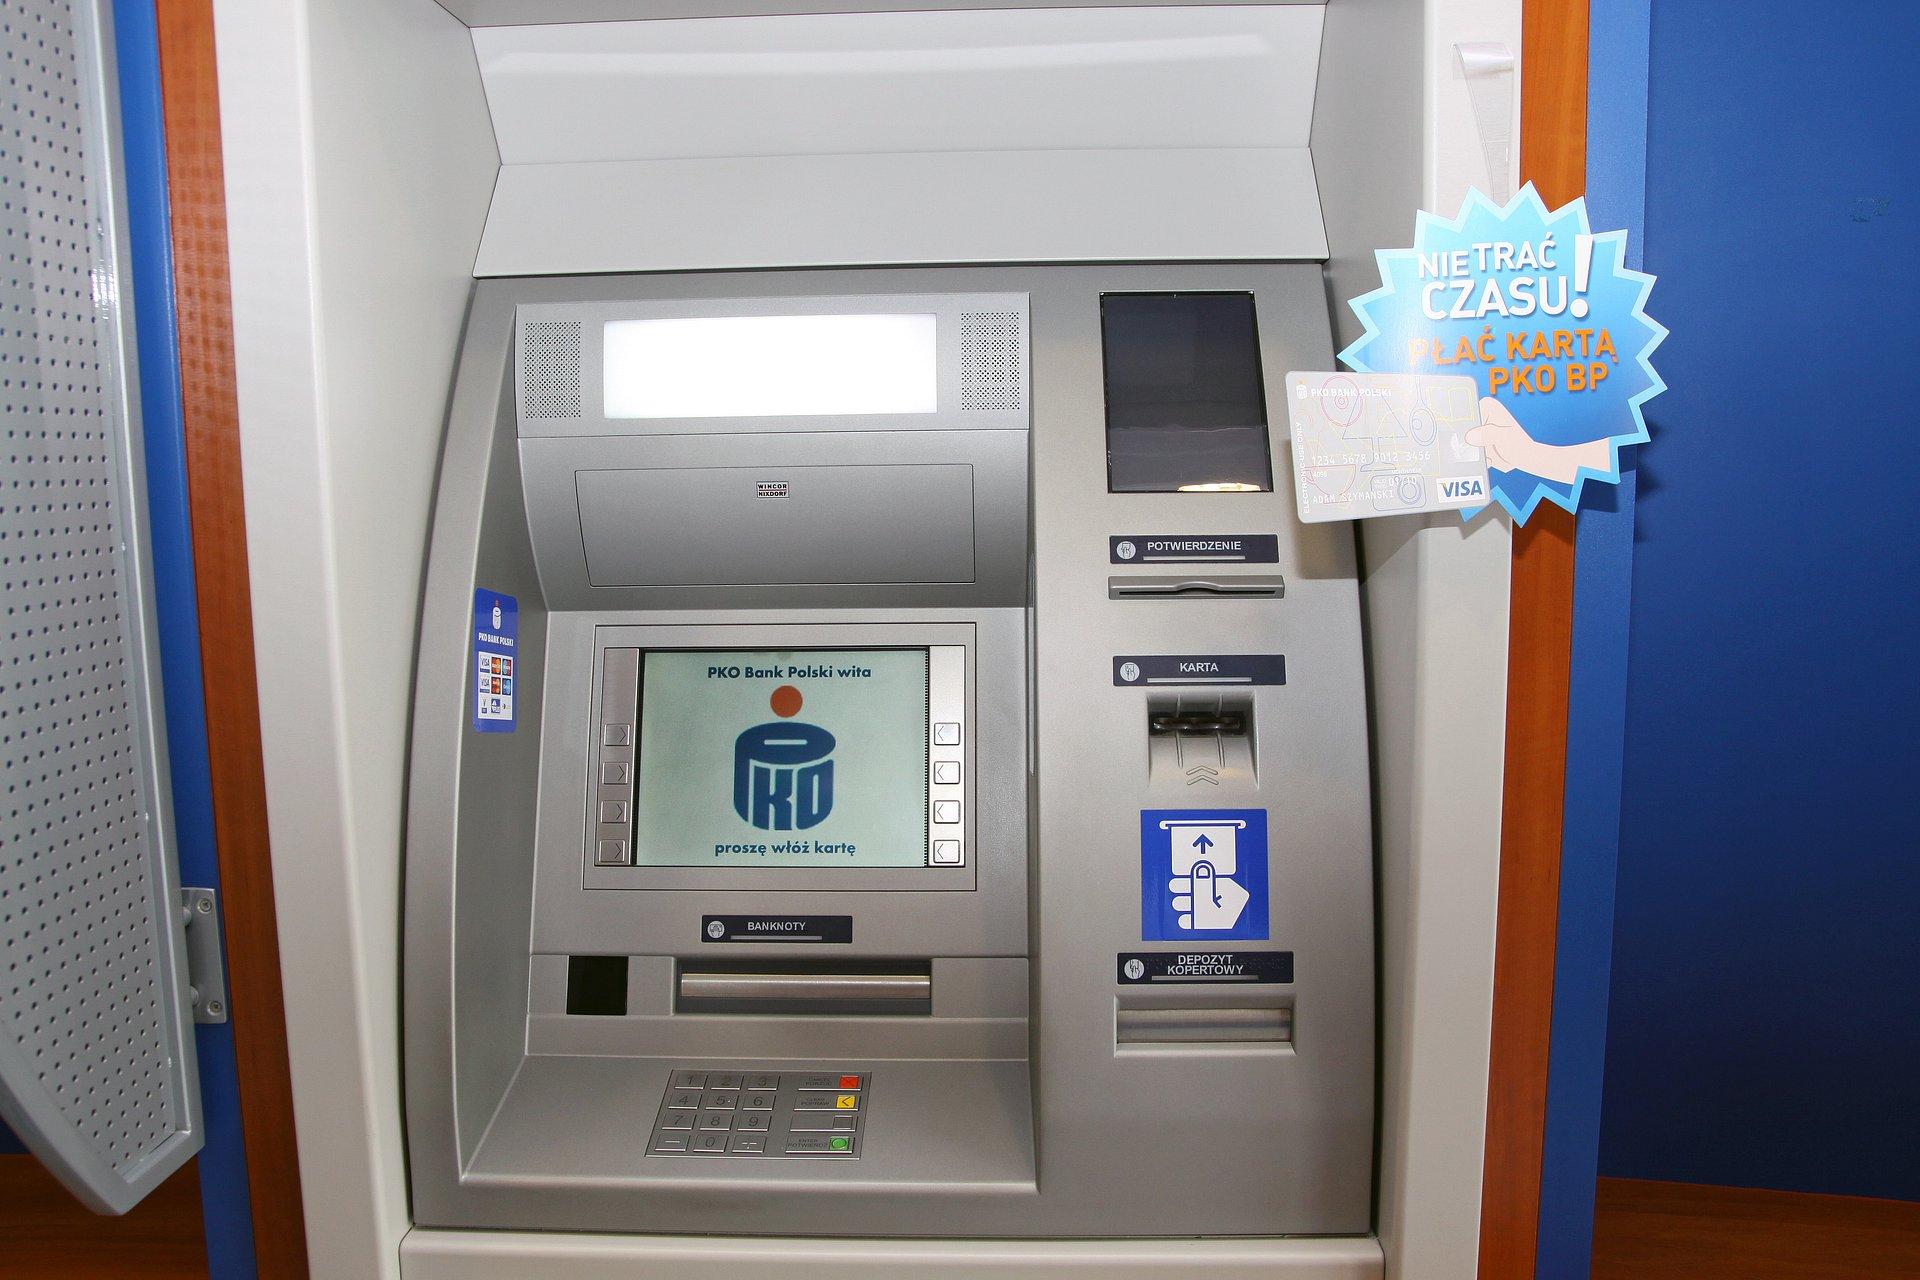 3,5 tys. bezprowizyjnych bankomatów dla klientów PKO Banku Polskiego